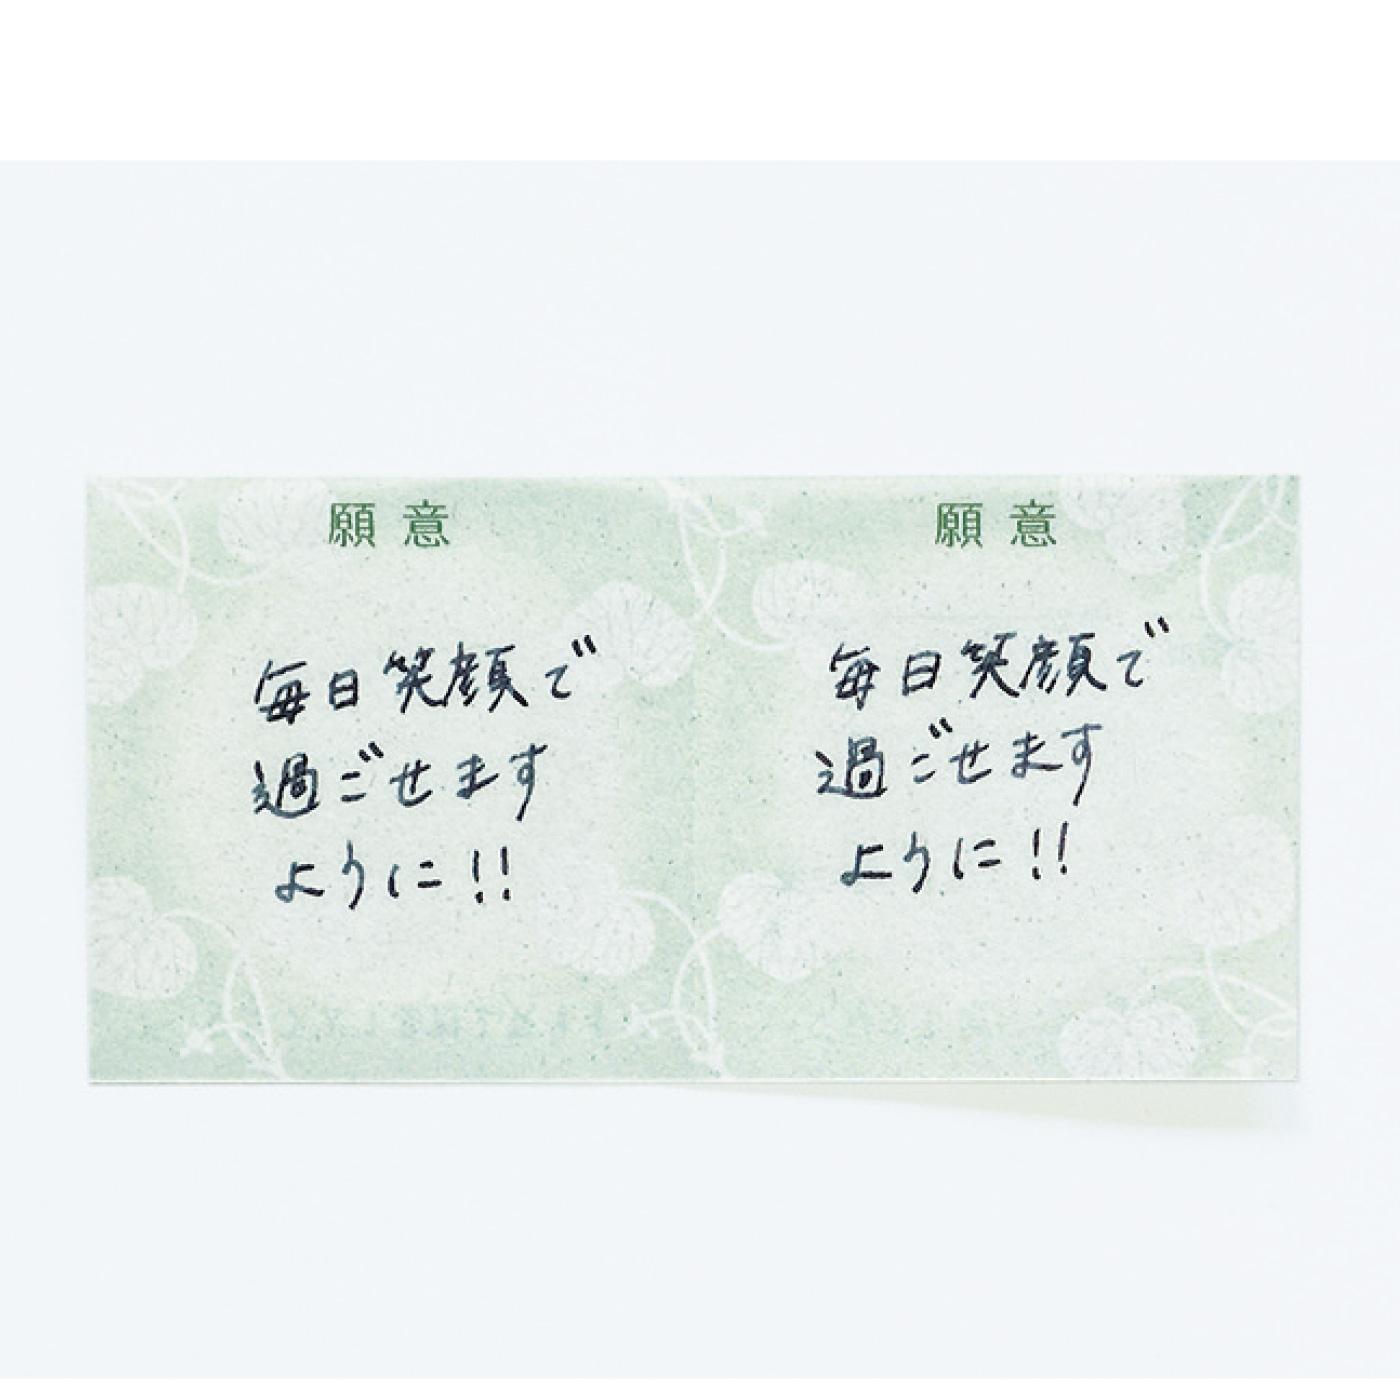 【願いカード】 願いごとを書いてフェリシモに送ってください。上賀茂神社にお納めします。